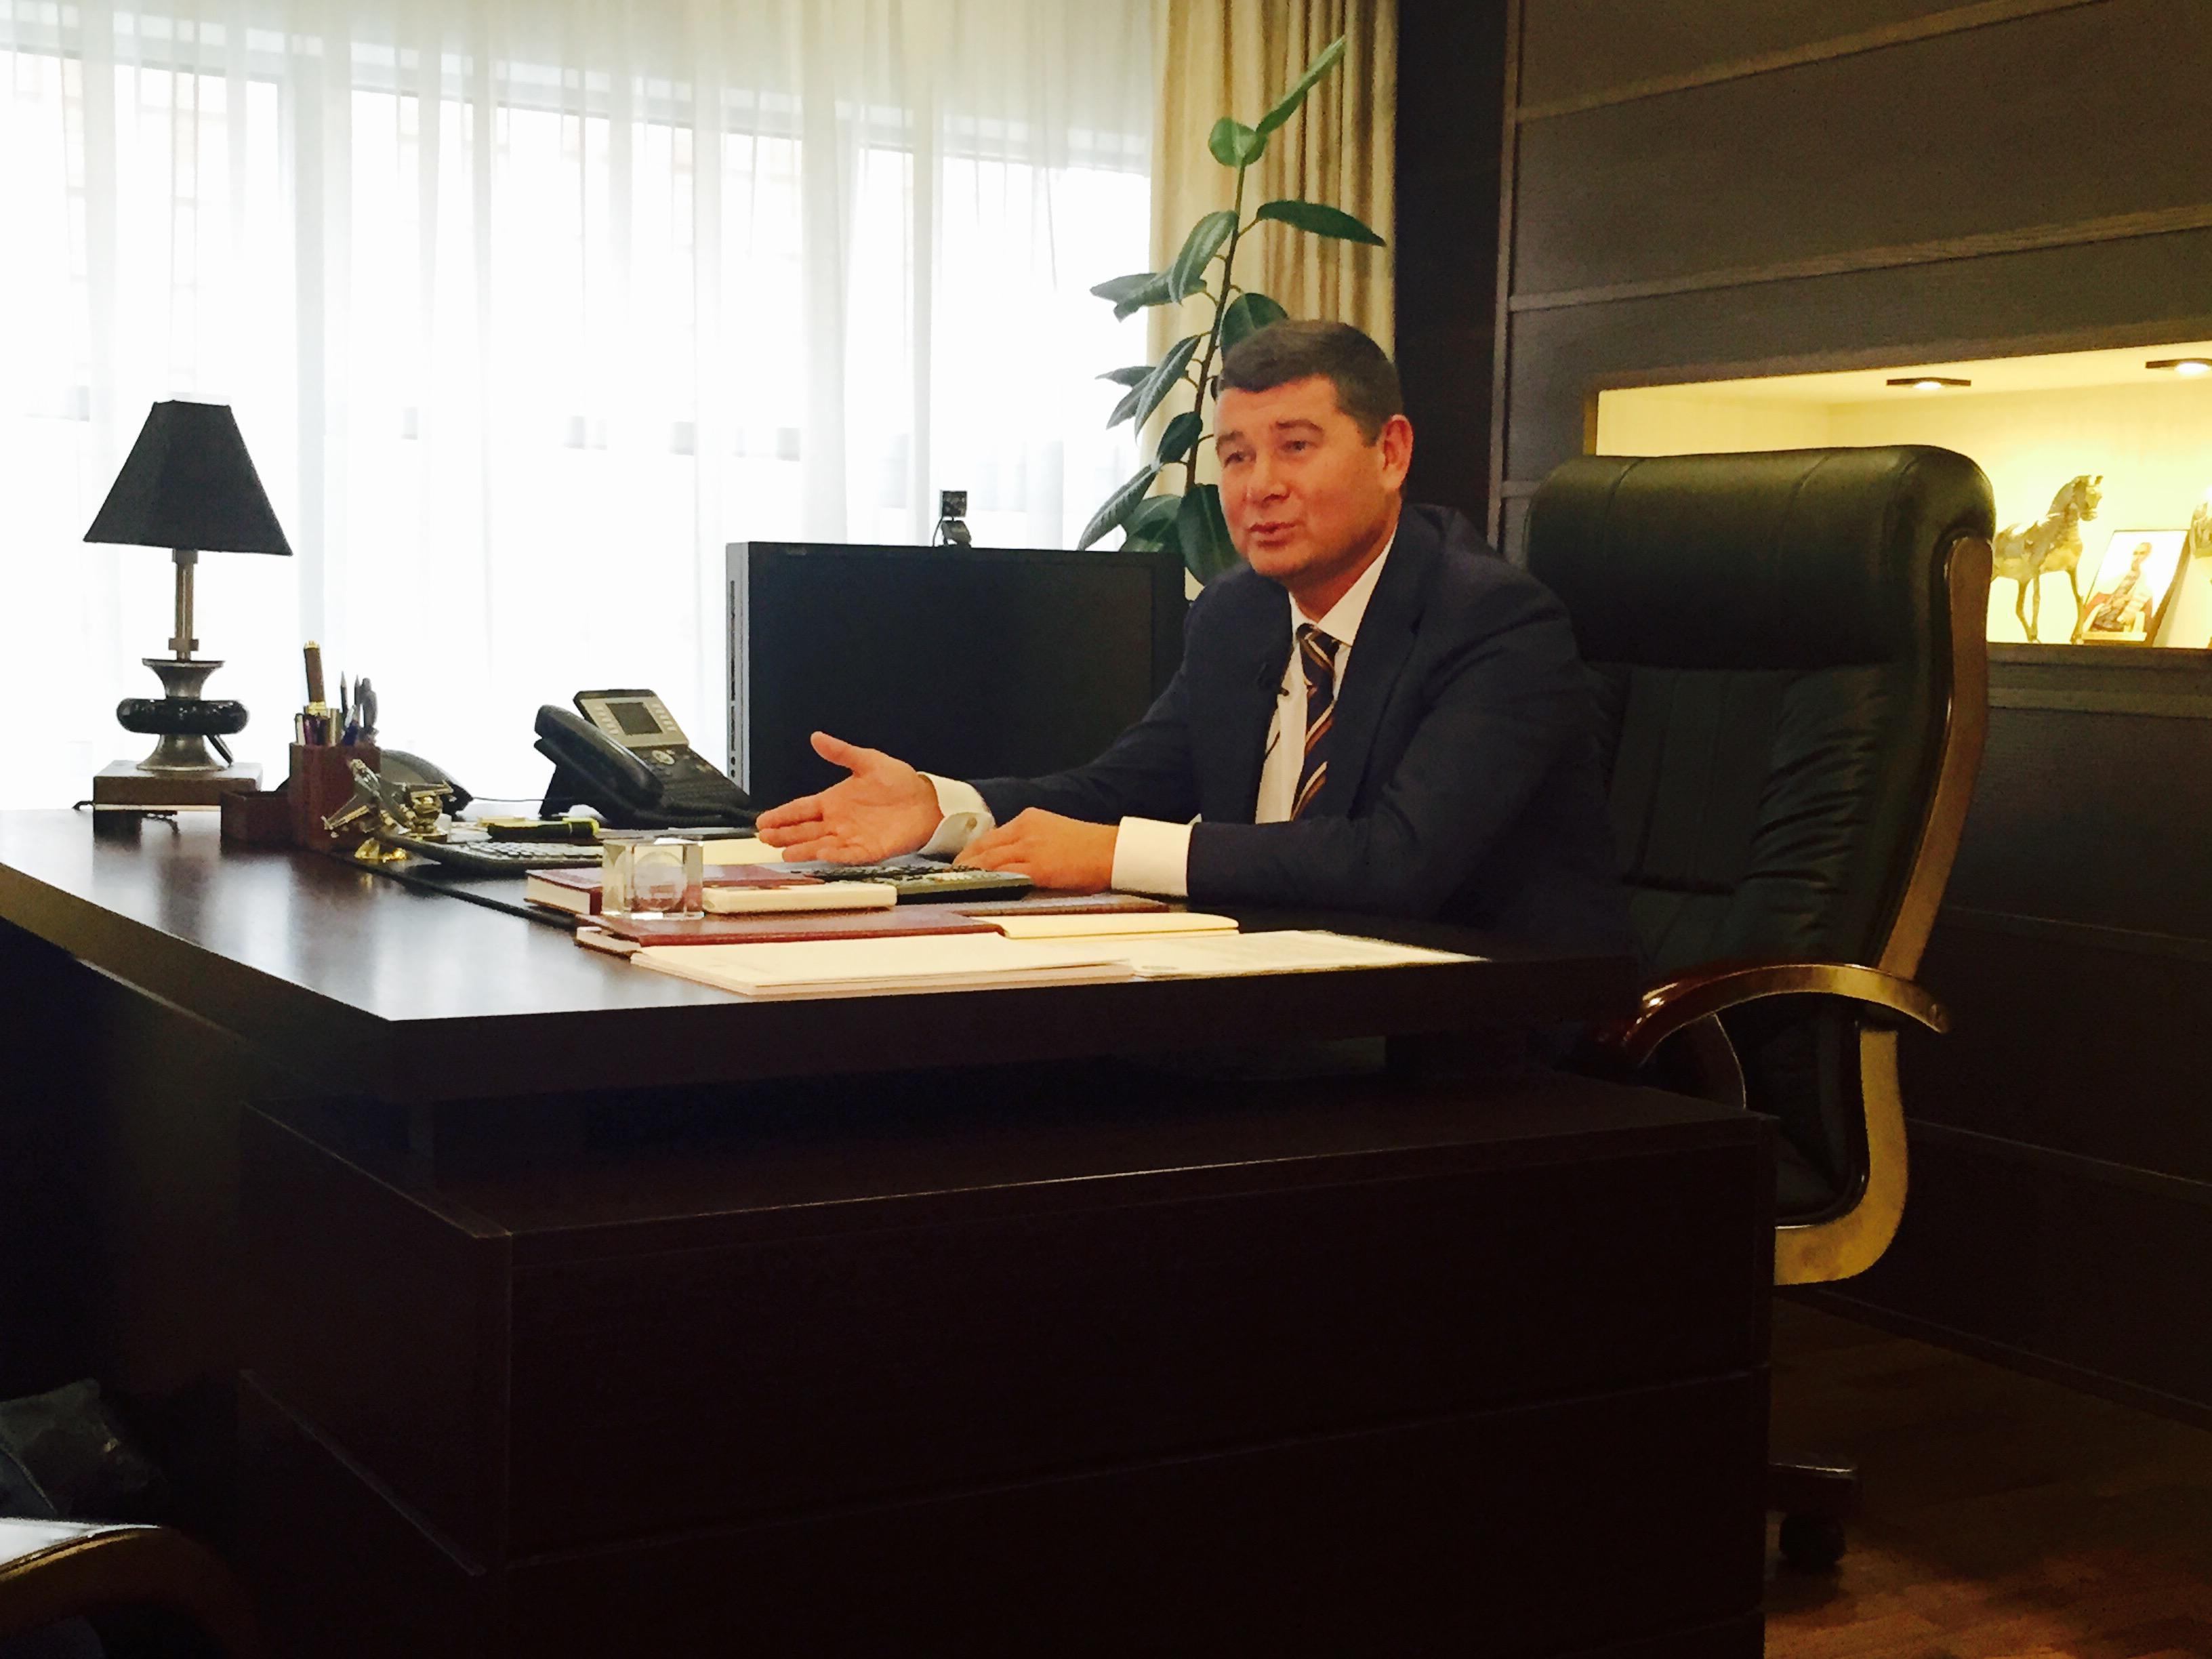 Онищенко впервые прокомментировал обвинения его адвоката в финансировании терроризма